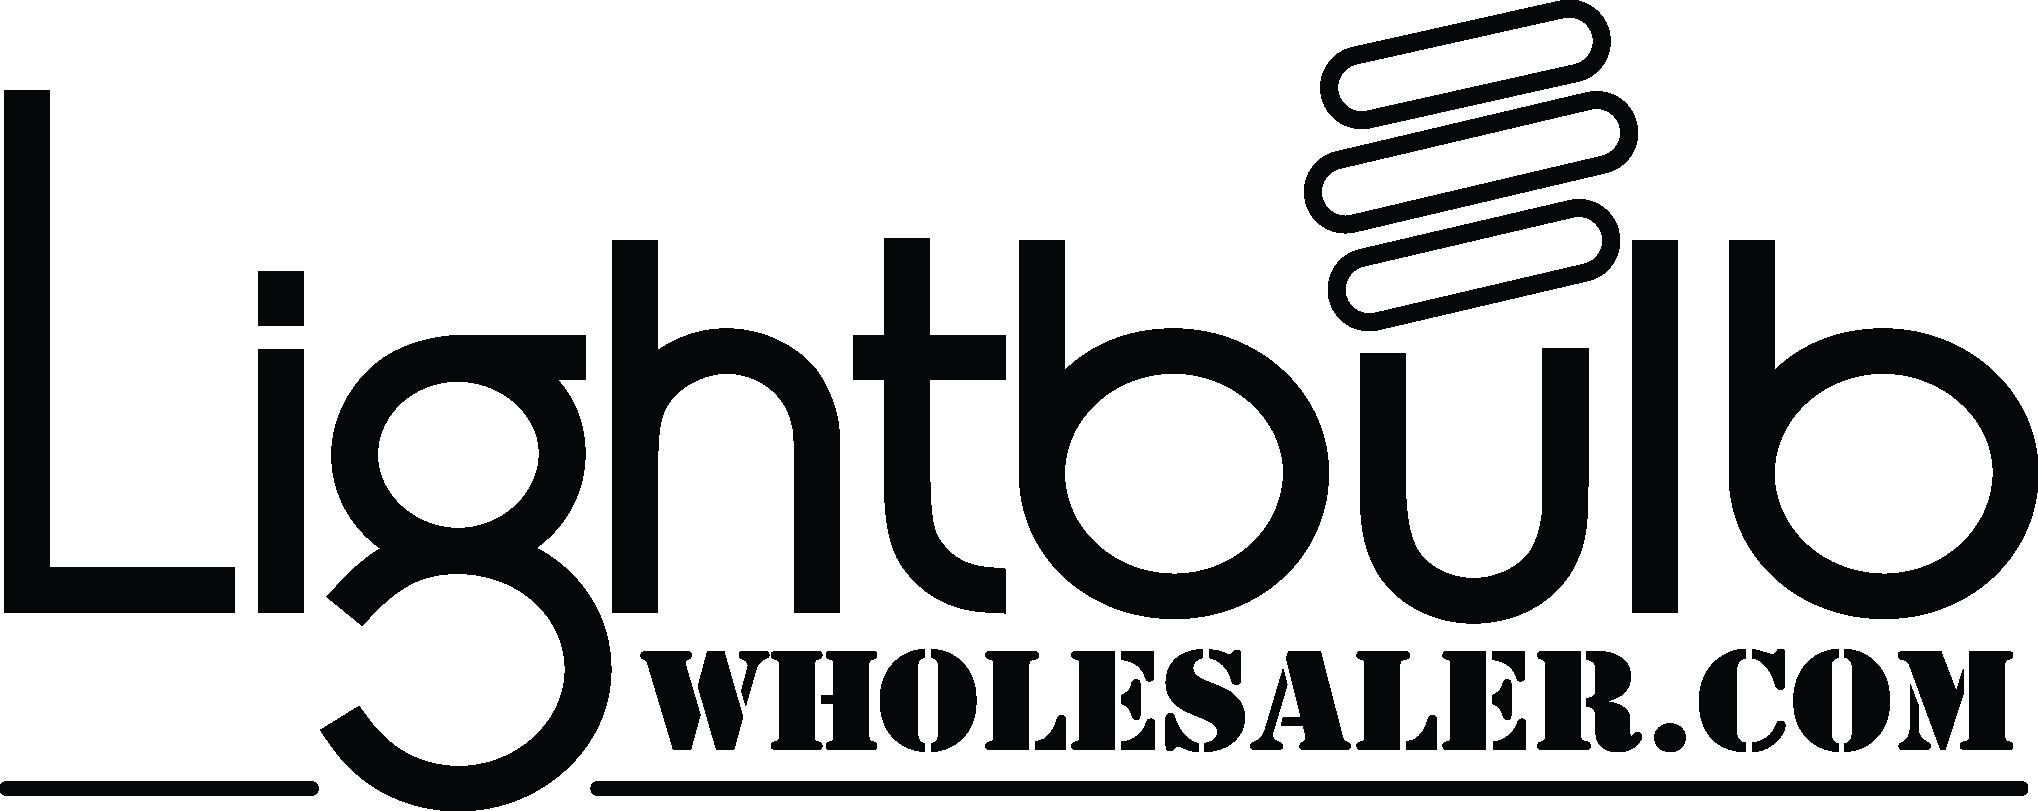 Lightbulb Wholesaler